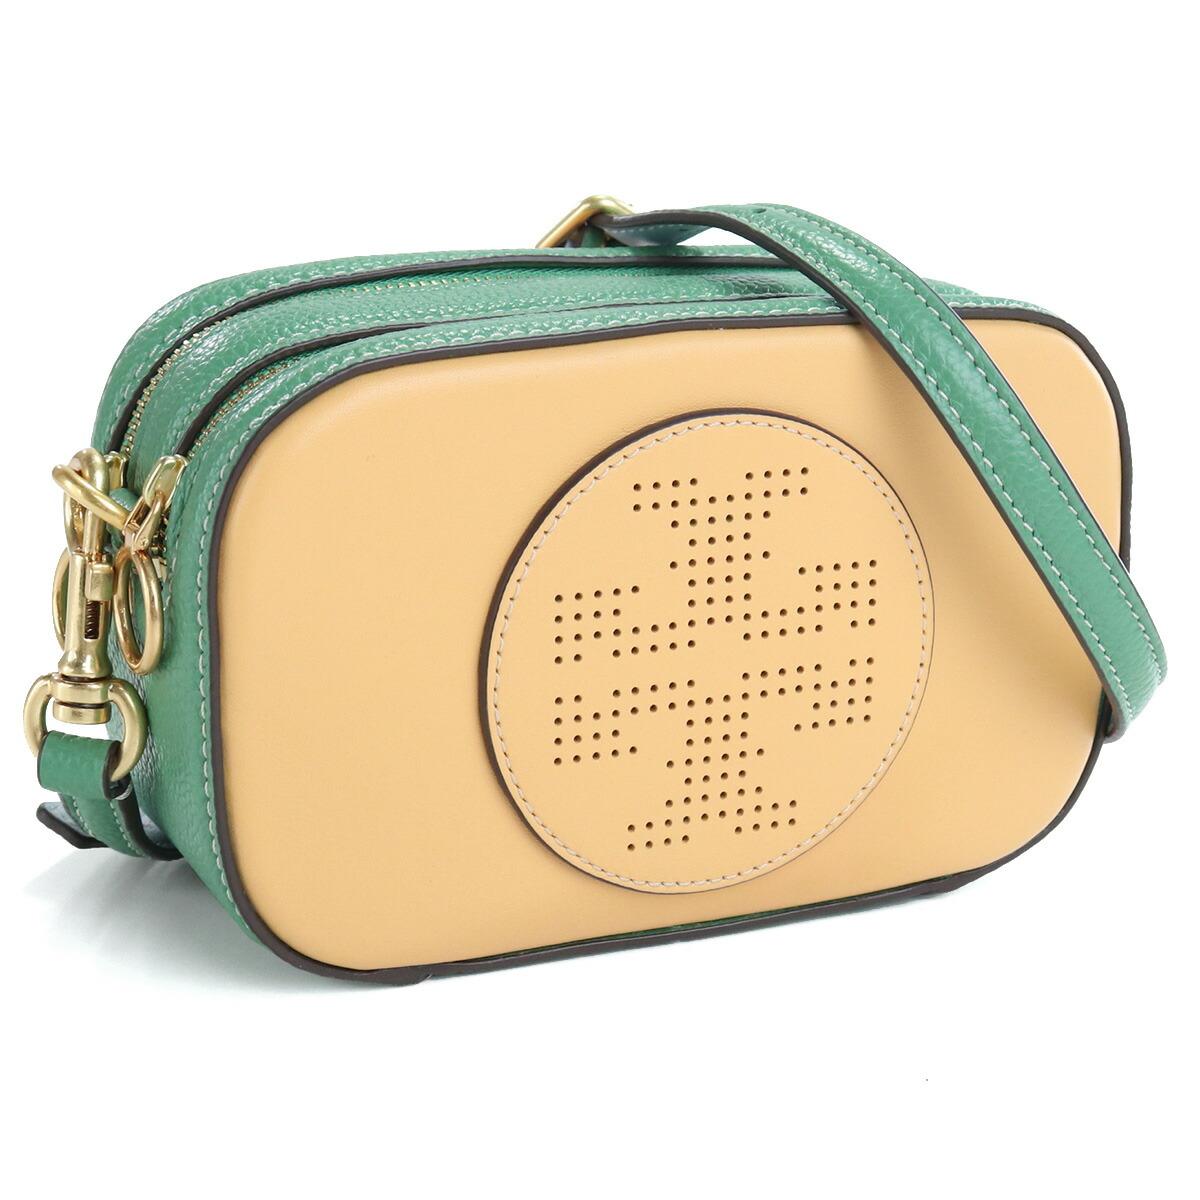 トリーバーチ TORY BURCH PERRY BOMBE 斜め掛け ショルダーバッグ ブランドバッグ 80785 267 JACKFRUIT/PATINA オレンジ系 グリーン系 bag-01